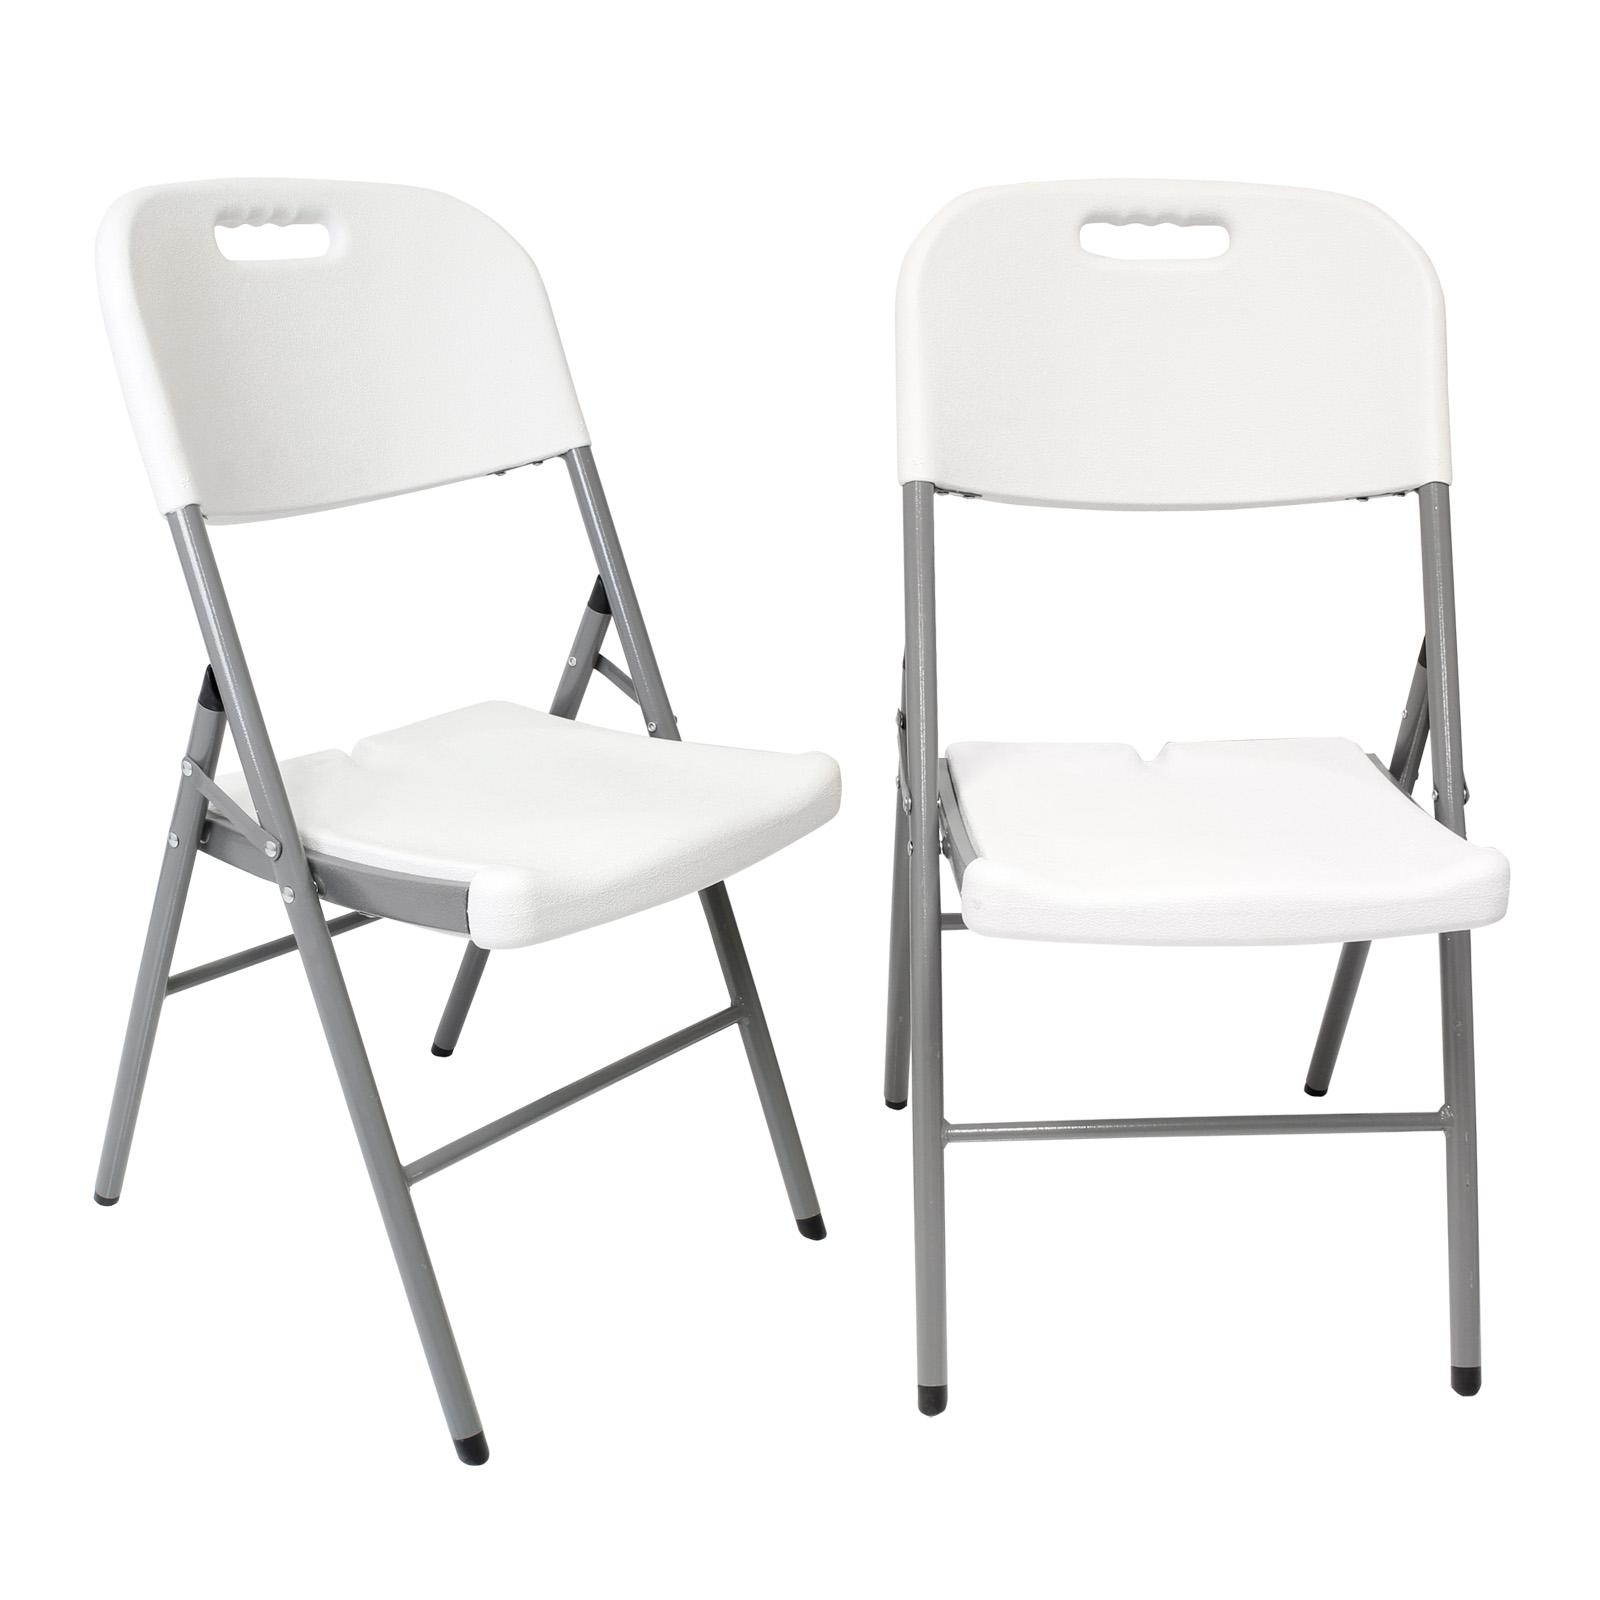 2 x exterior plegable sillas para jard n picnic camping for Sillas de jardin de plastico